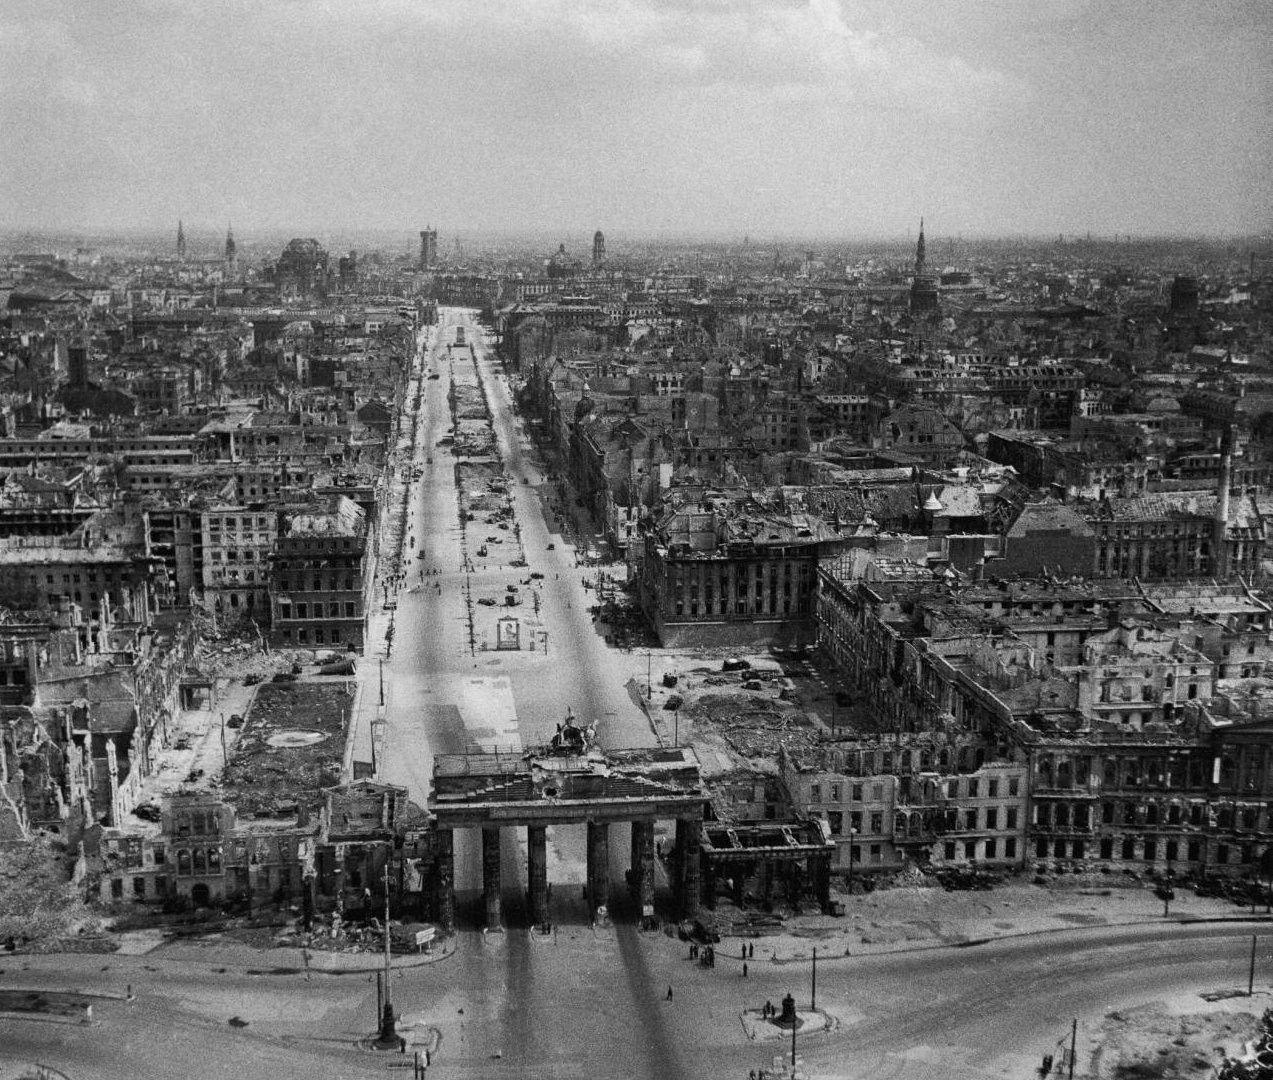 Berlin, 1945. Seen from Tiergarten.